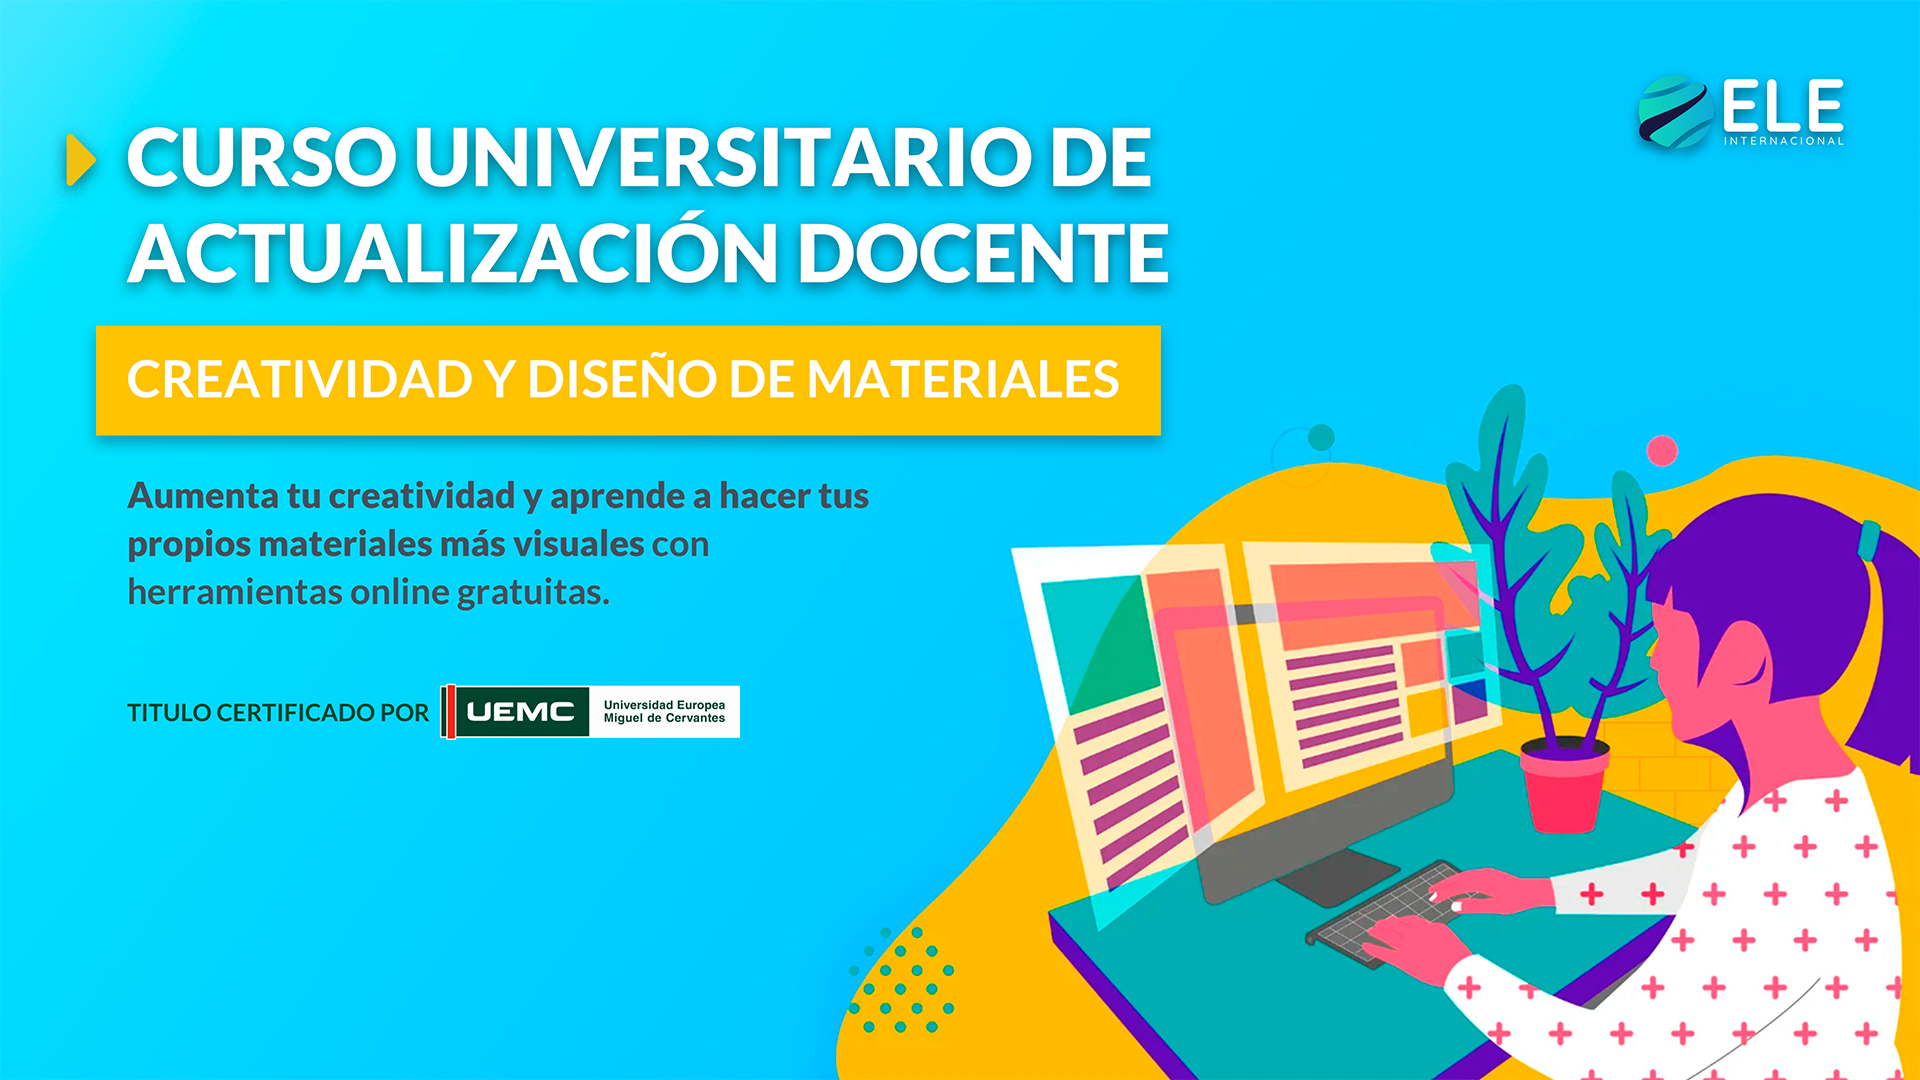 Cursos Universitarios de Actualización Docente: Creatividad y diseño de materiales